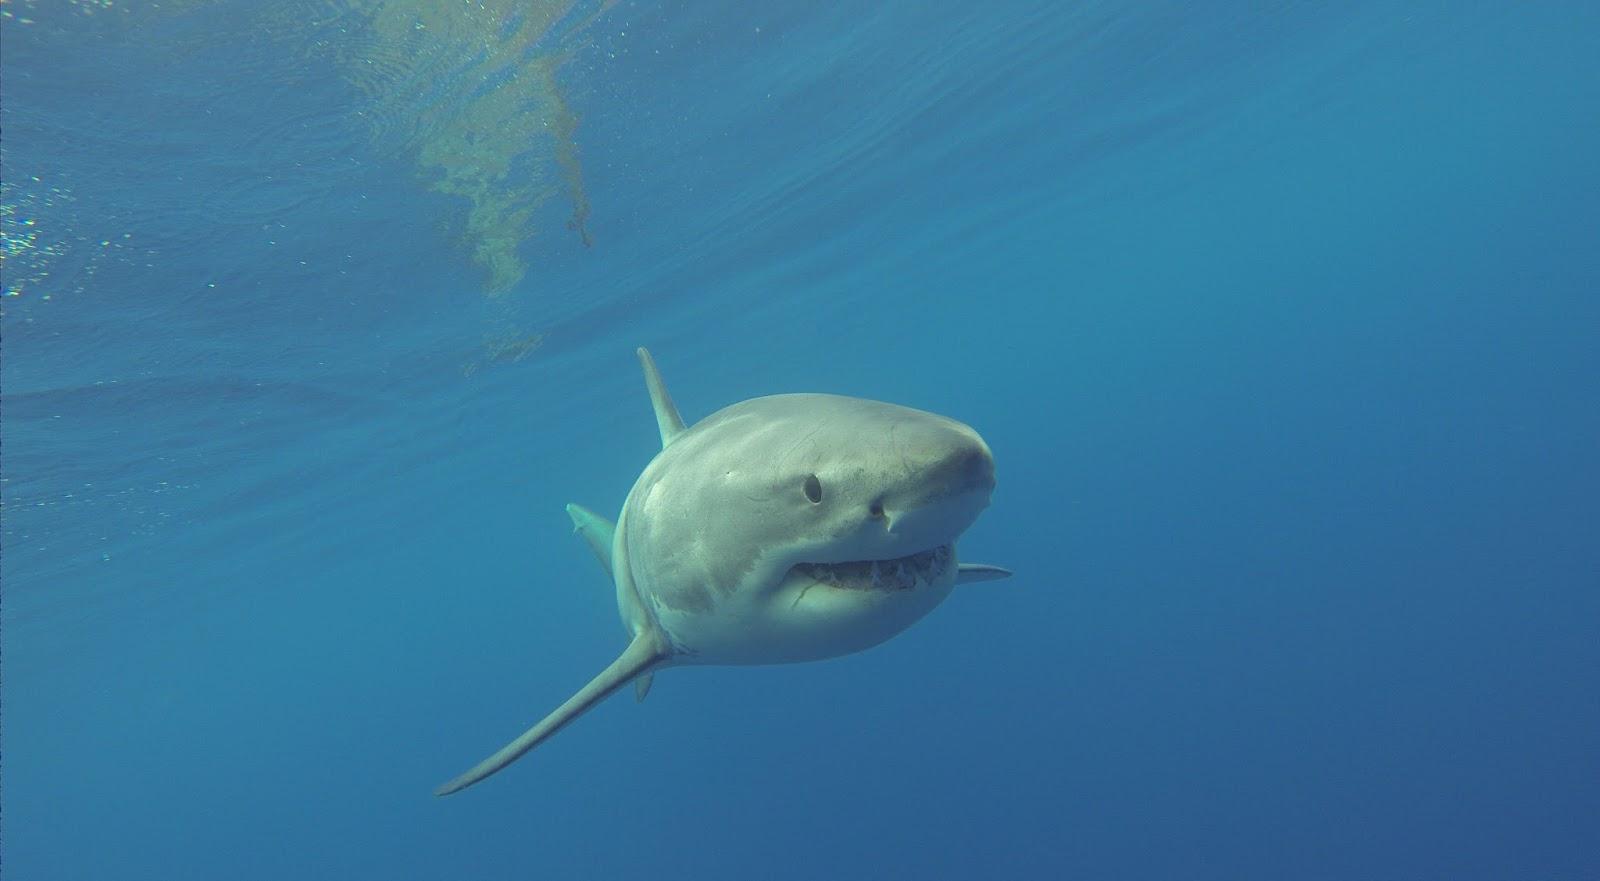 Abenteuer Hai Tauchen